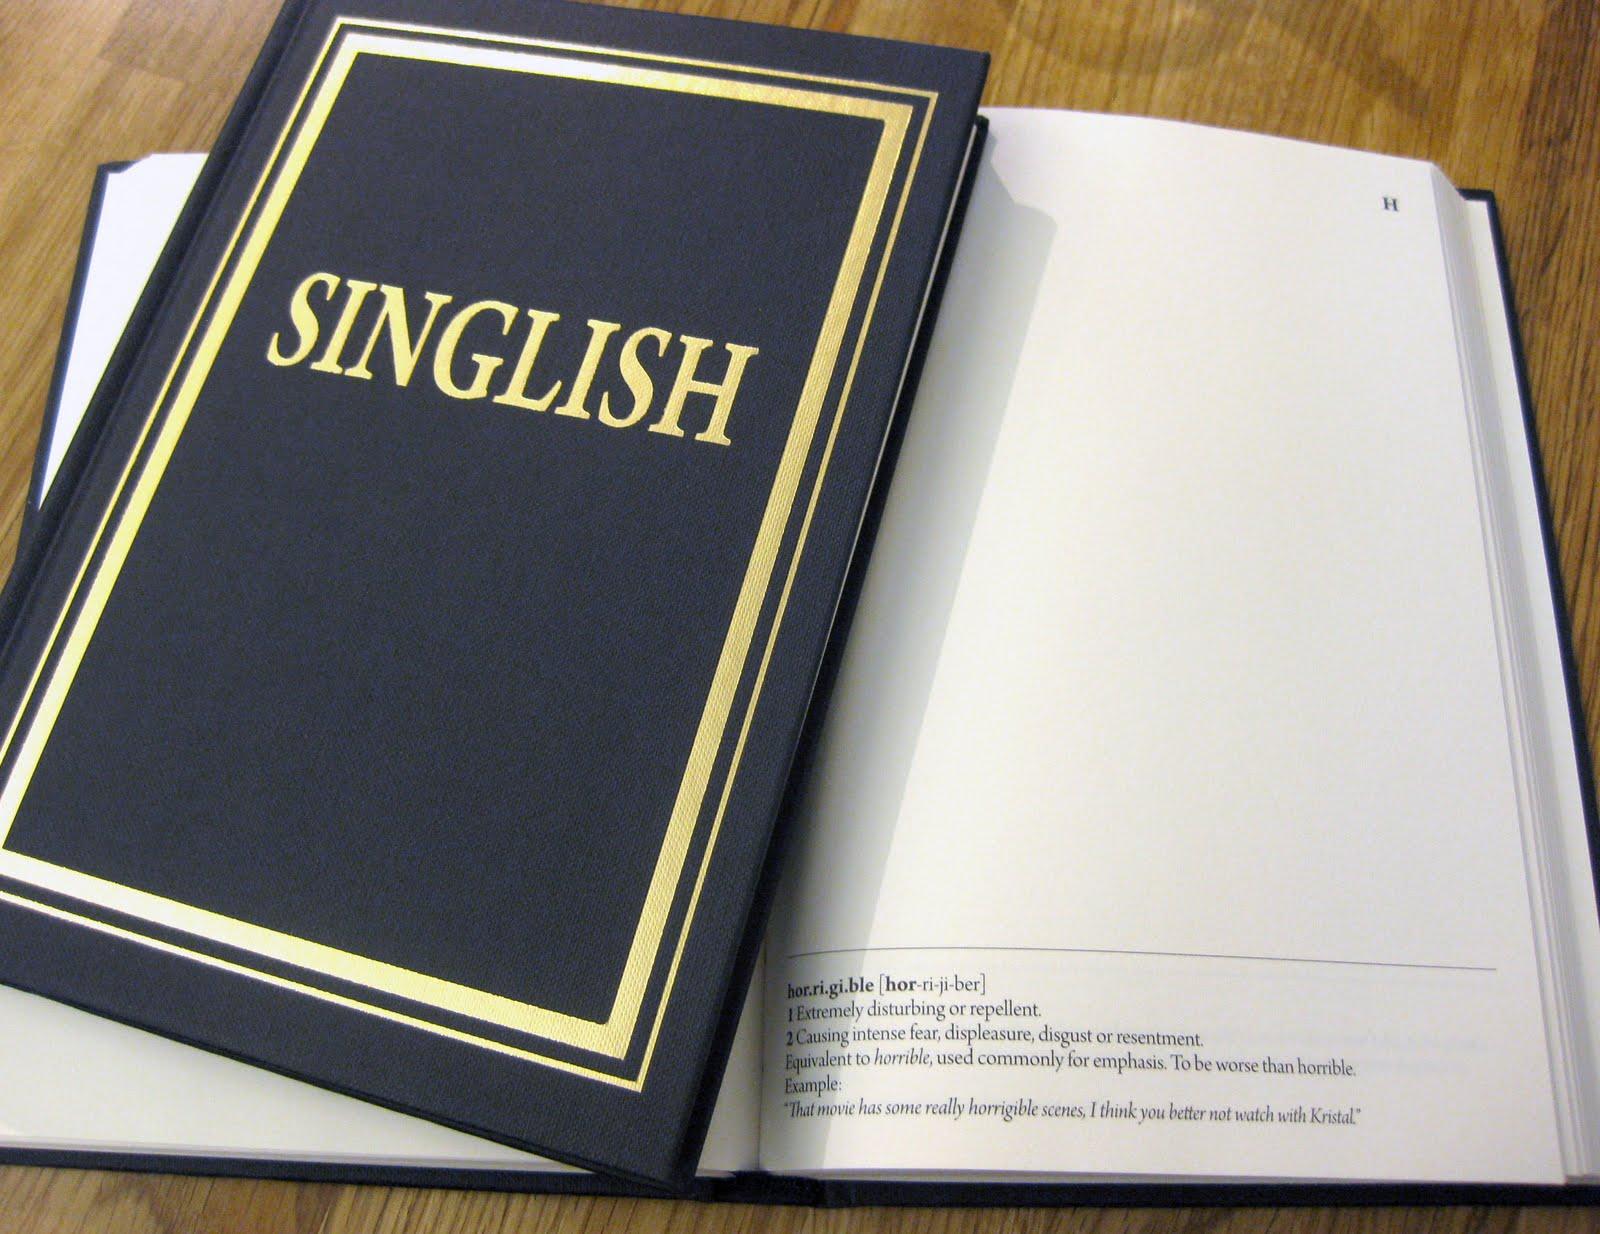 singlish